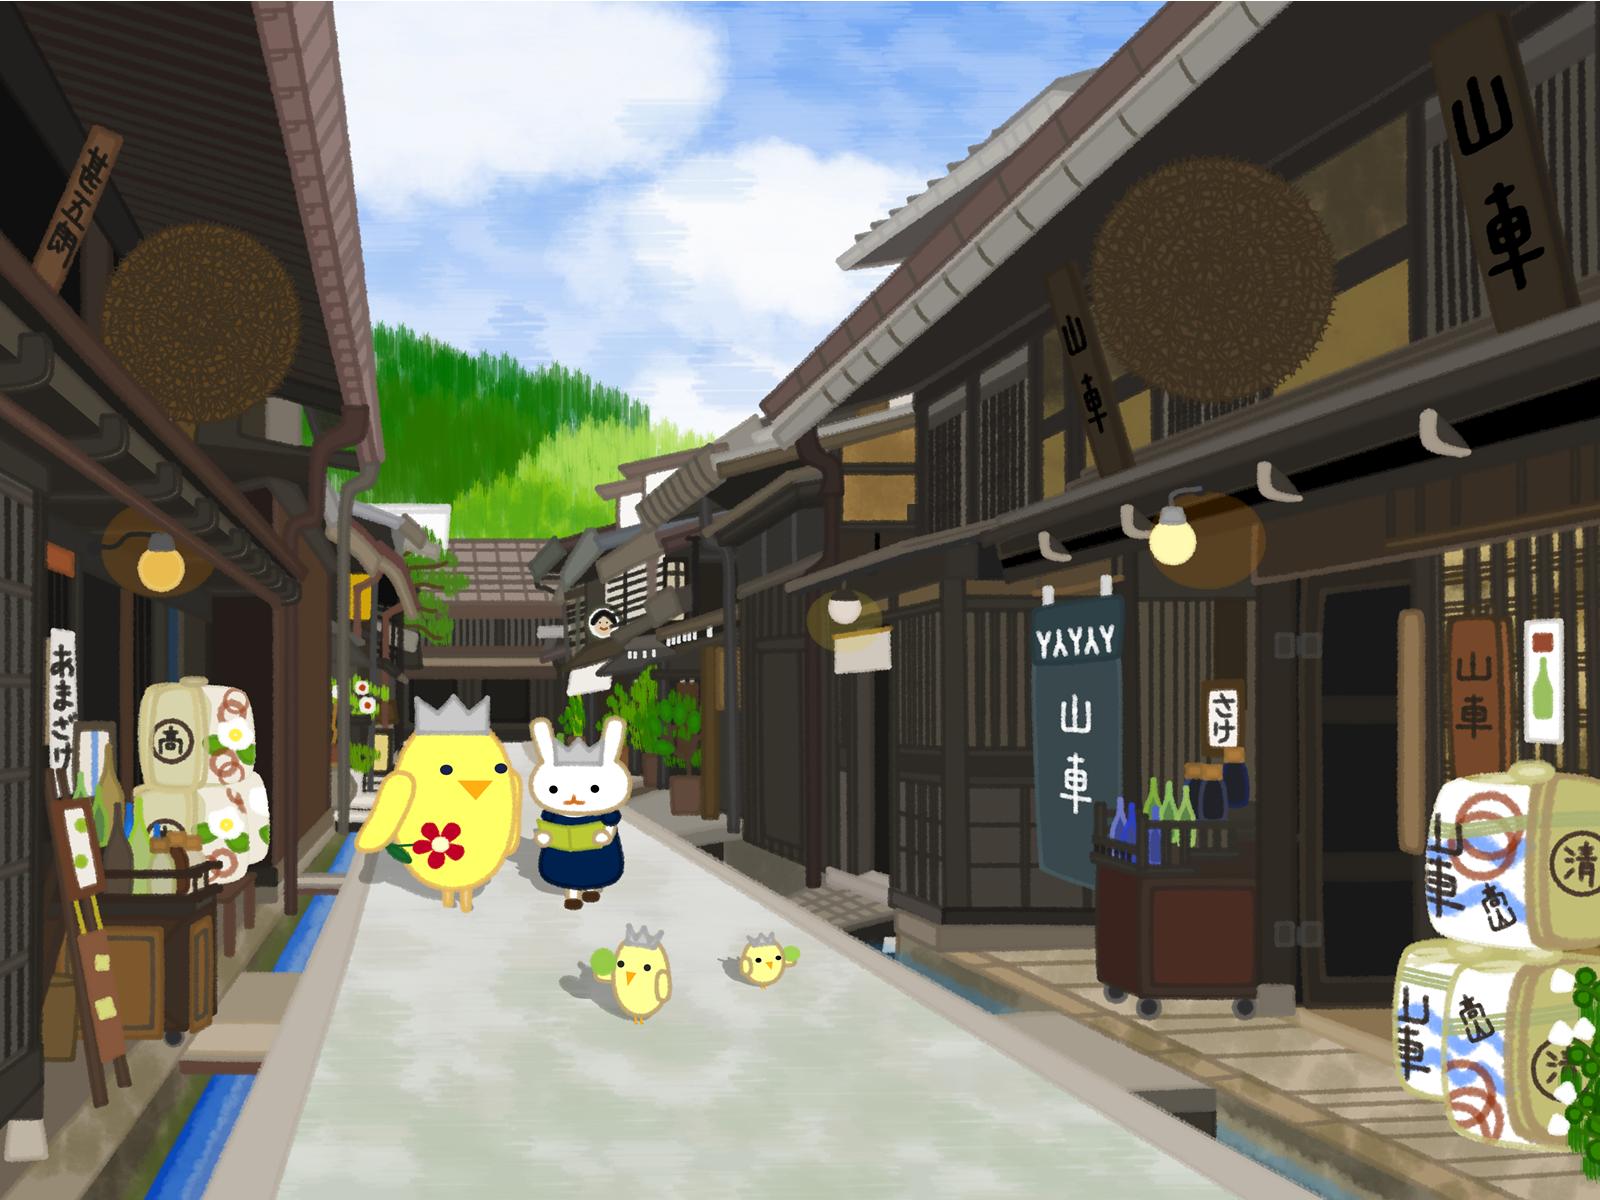 2015-takayama